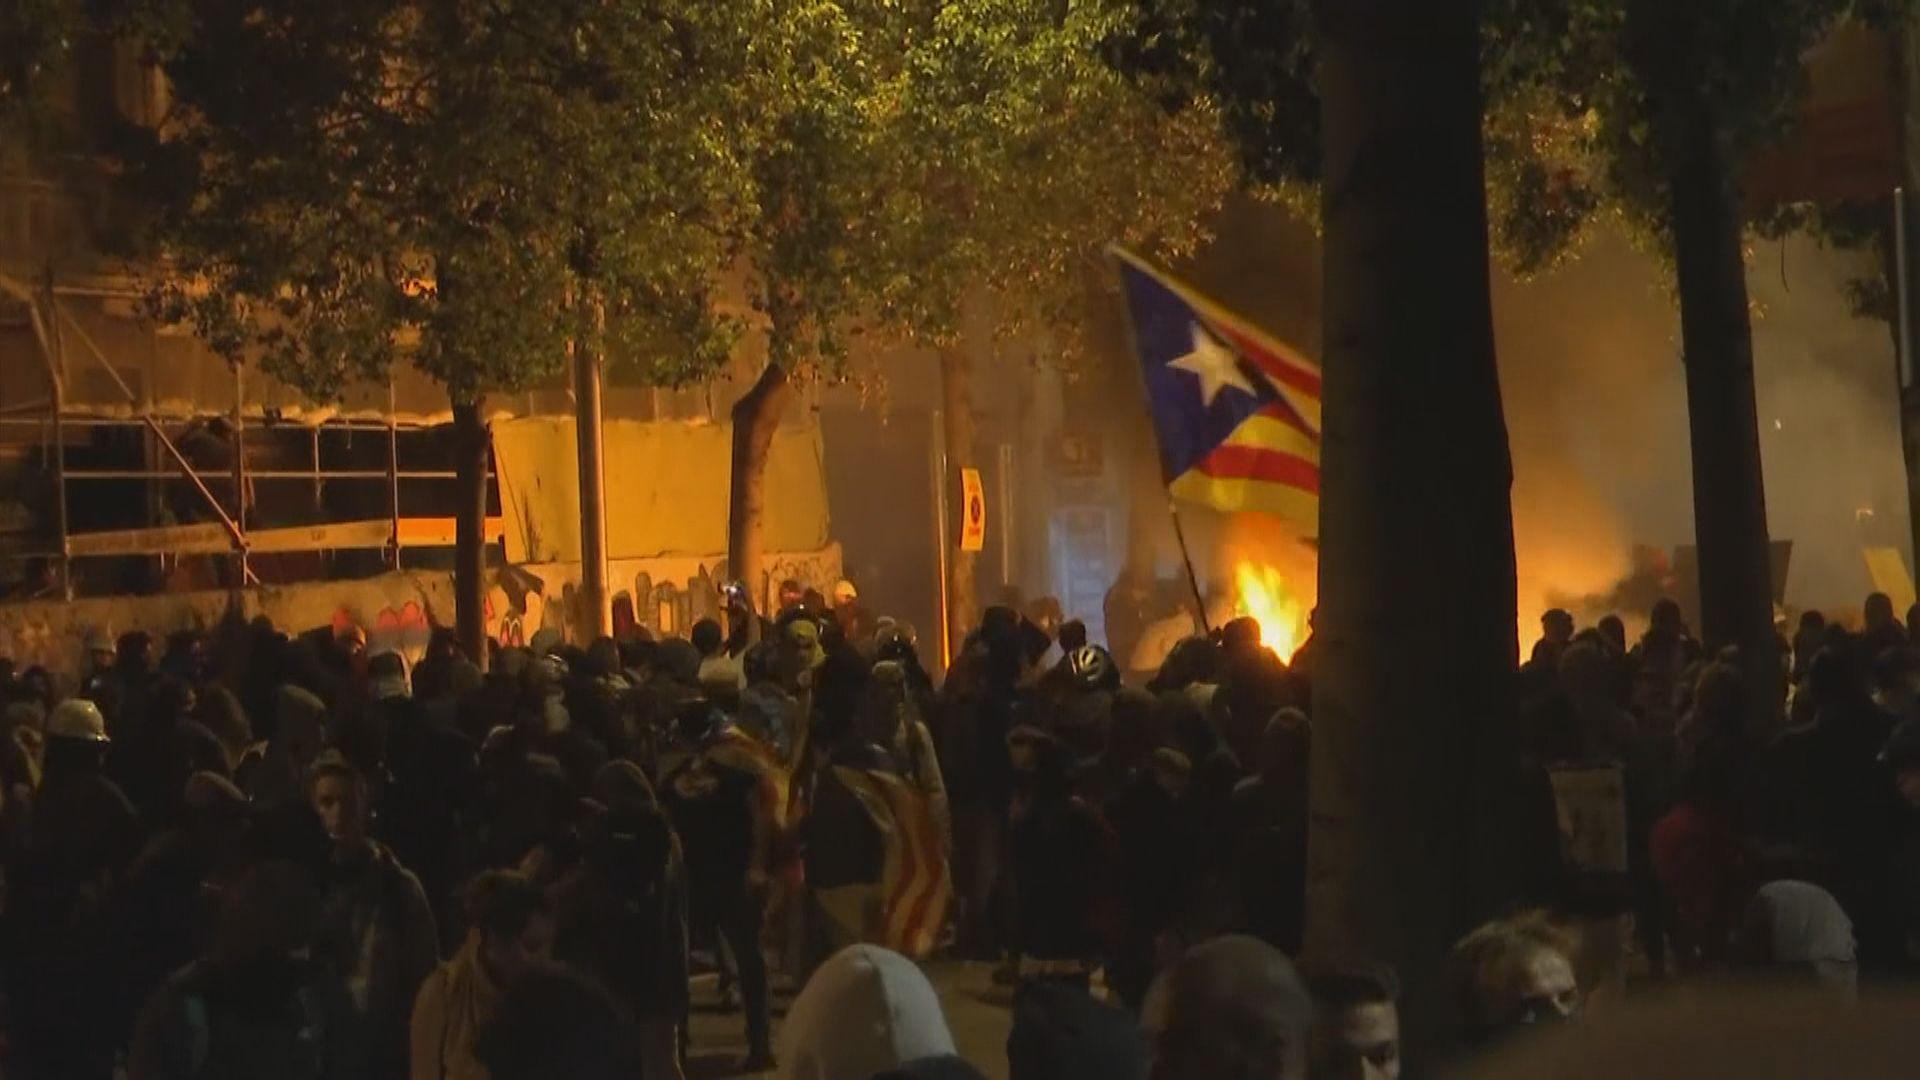 巴塞遊行演變暴力衝突 桑切斯強調絕不姑息暴力